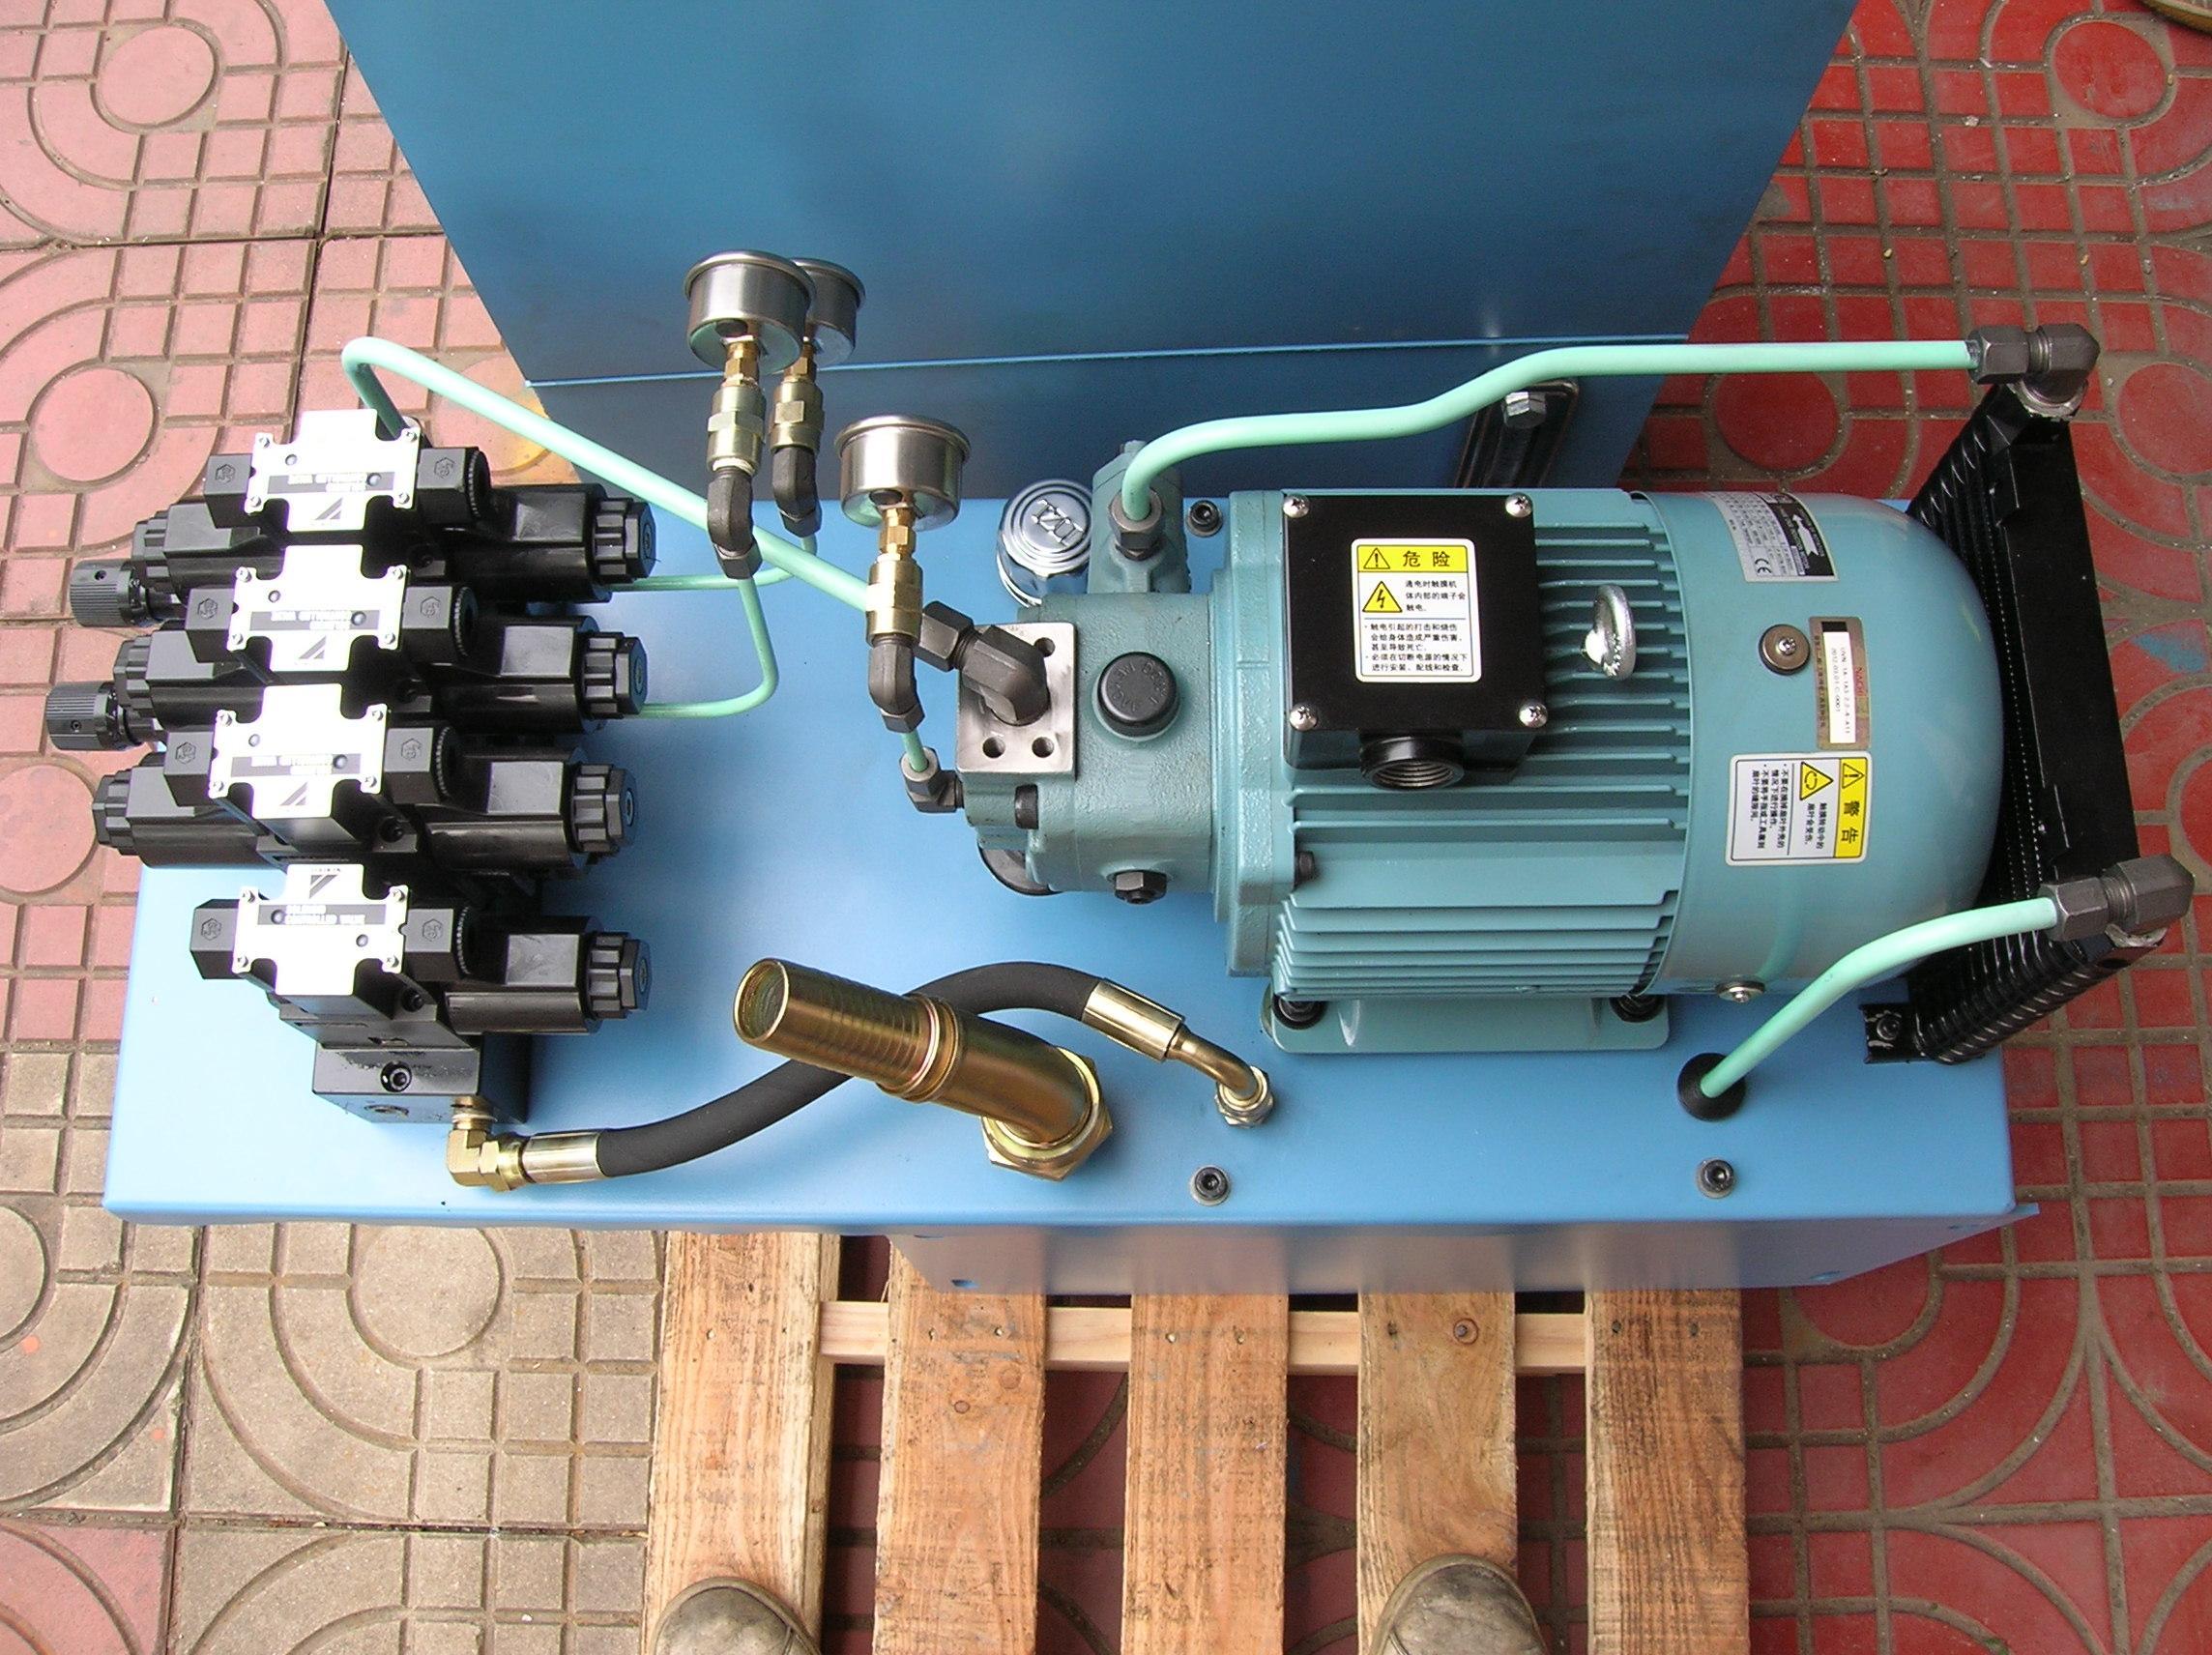 性能安定,吐出量的範圍最為廣泛,低騷音、高效率、省馬力,葉片幫浦、適用於磨床、壓床、褶床、等工作母機、及壓鑄機、塑膠射出機、單能機等油壓機械、尤適用於高低壓油路中之低壓幫浦。 最高压力达70bar,排量从12cc/rev -- 36cc/rev。 对于每个应用了懋通产品的系统,您将受到全方位的支持,包括研究开发设计方案,系统应用和各种专家服务,不管您是从事设计、制造还是维修服务业务,我们都能提供专业的知识以及优质的售前、售后服务、产品。 只要您需要,我们随时乐意效劳!